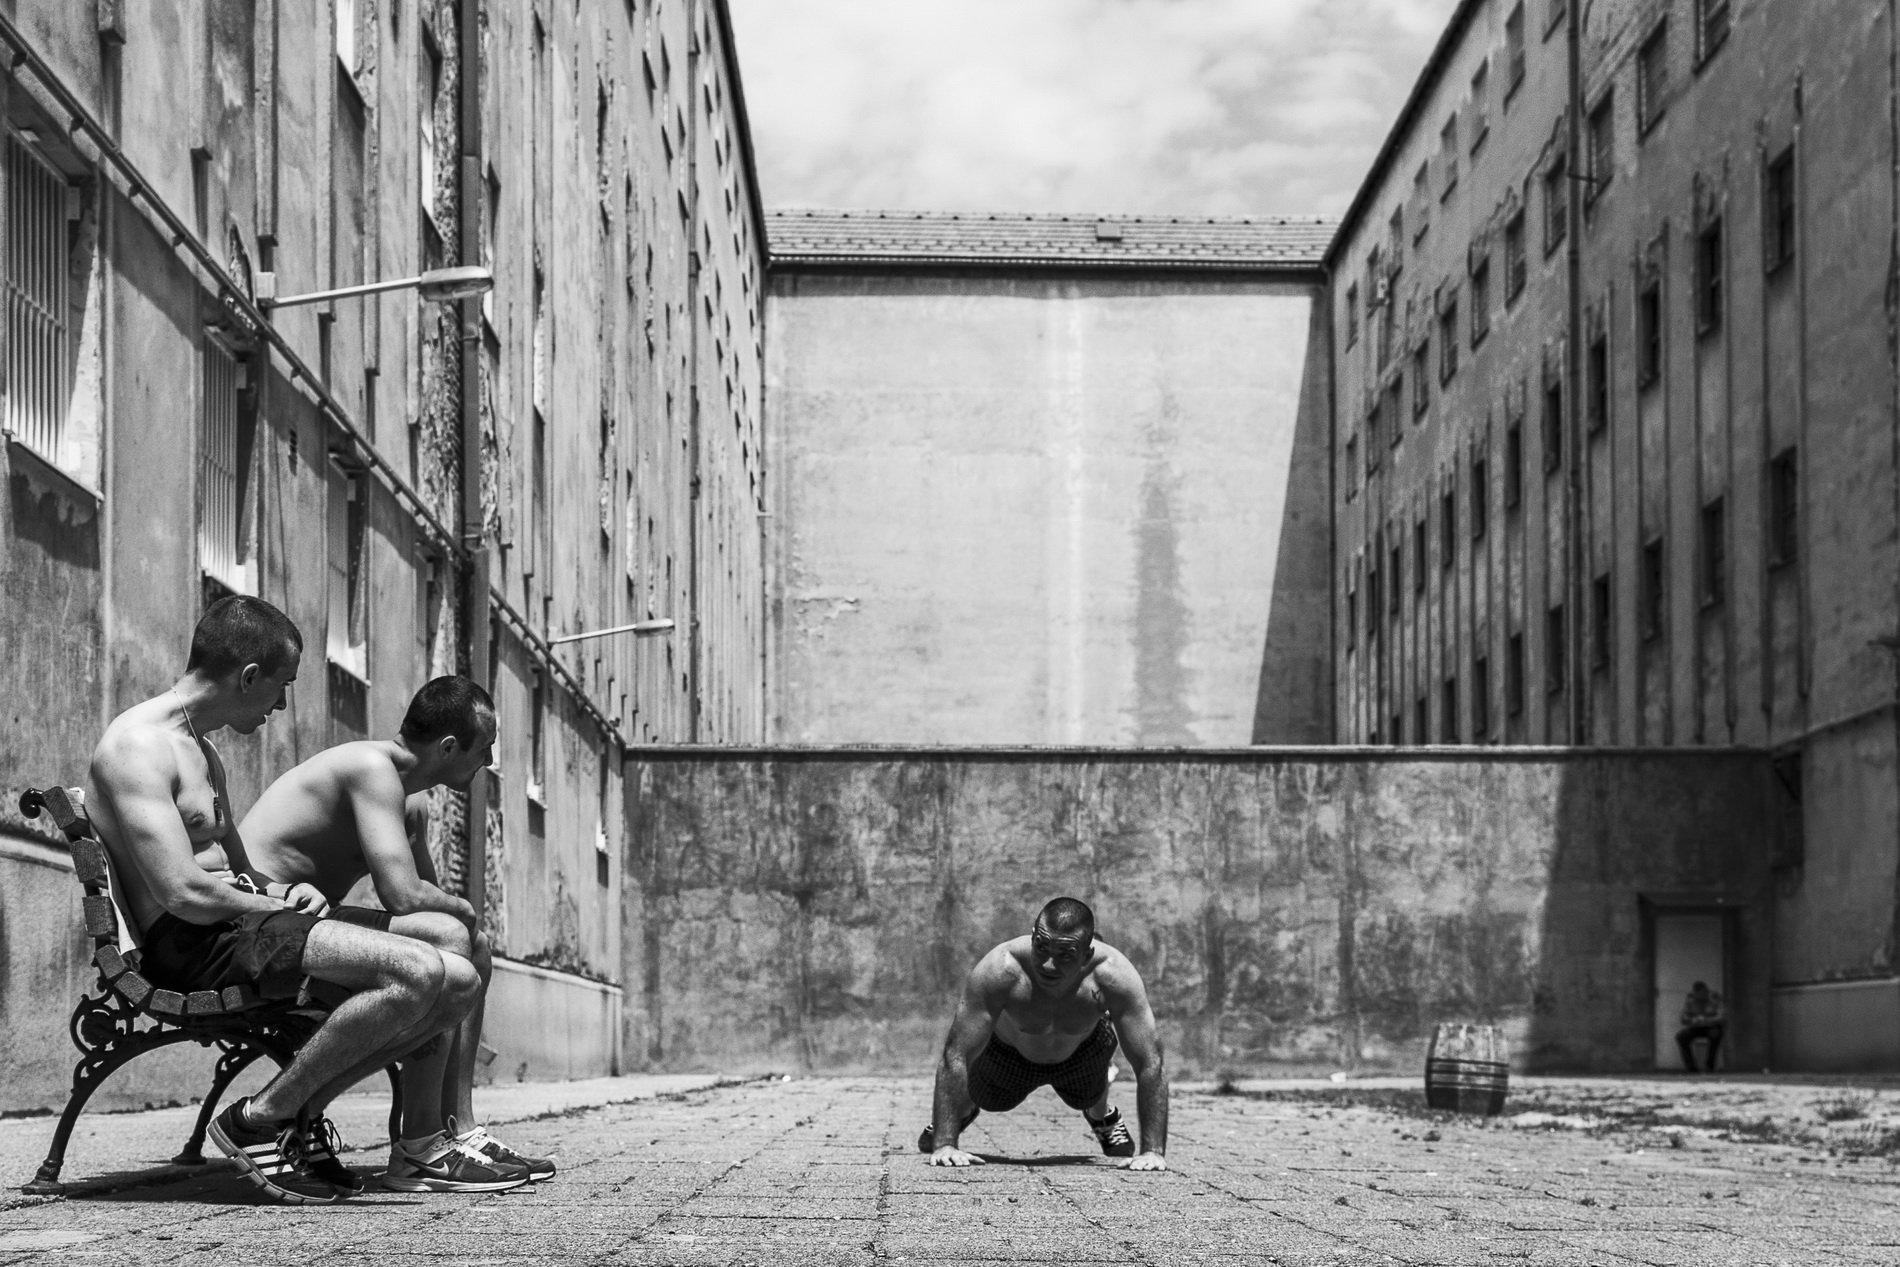 Black & White Fotografía de Igor Coko - Living Behind Bars